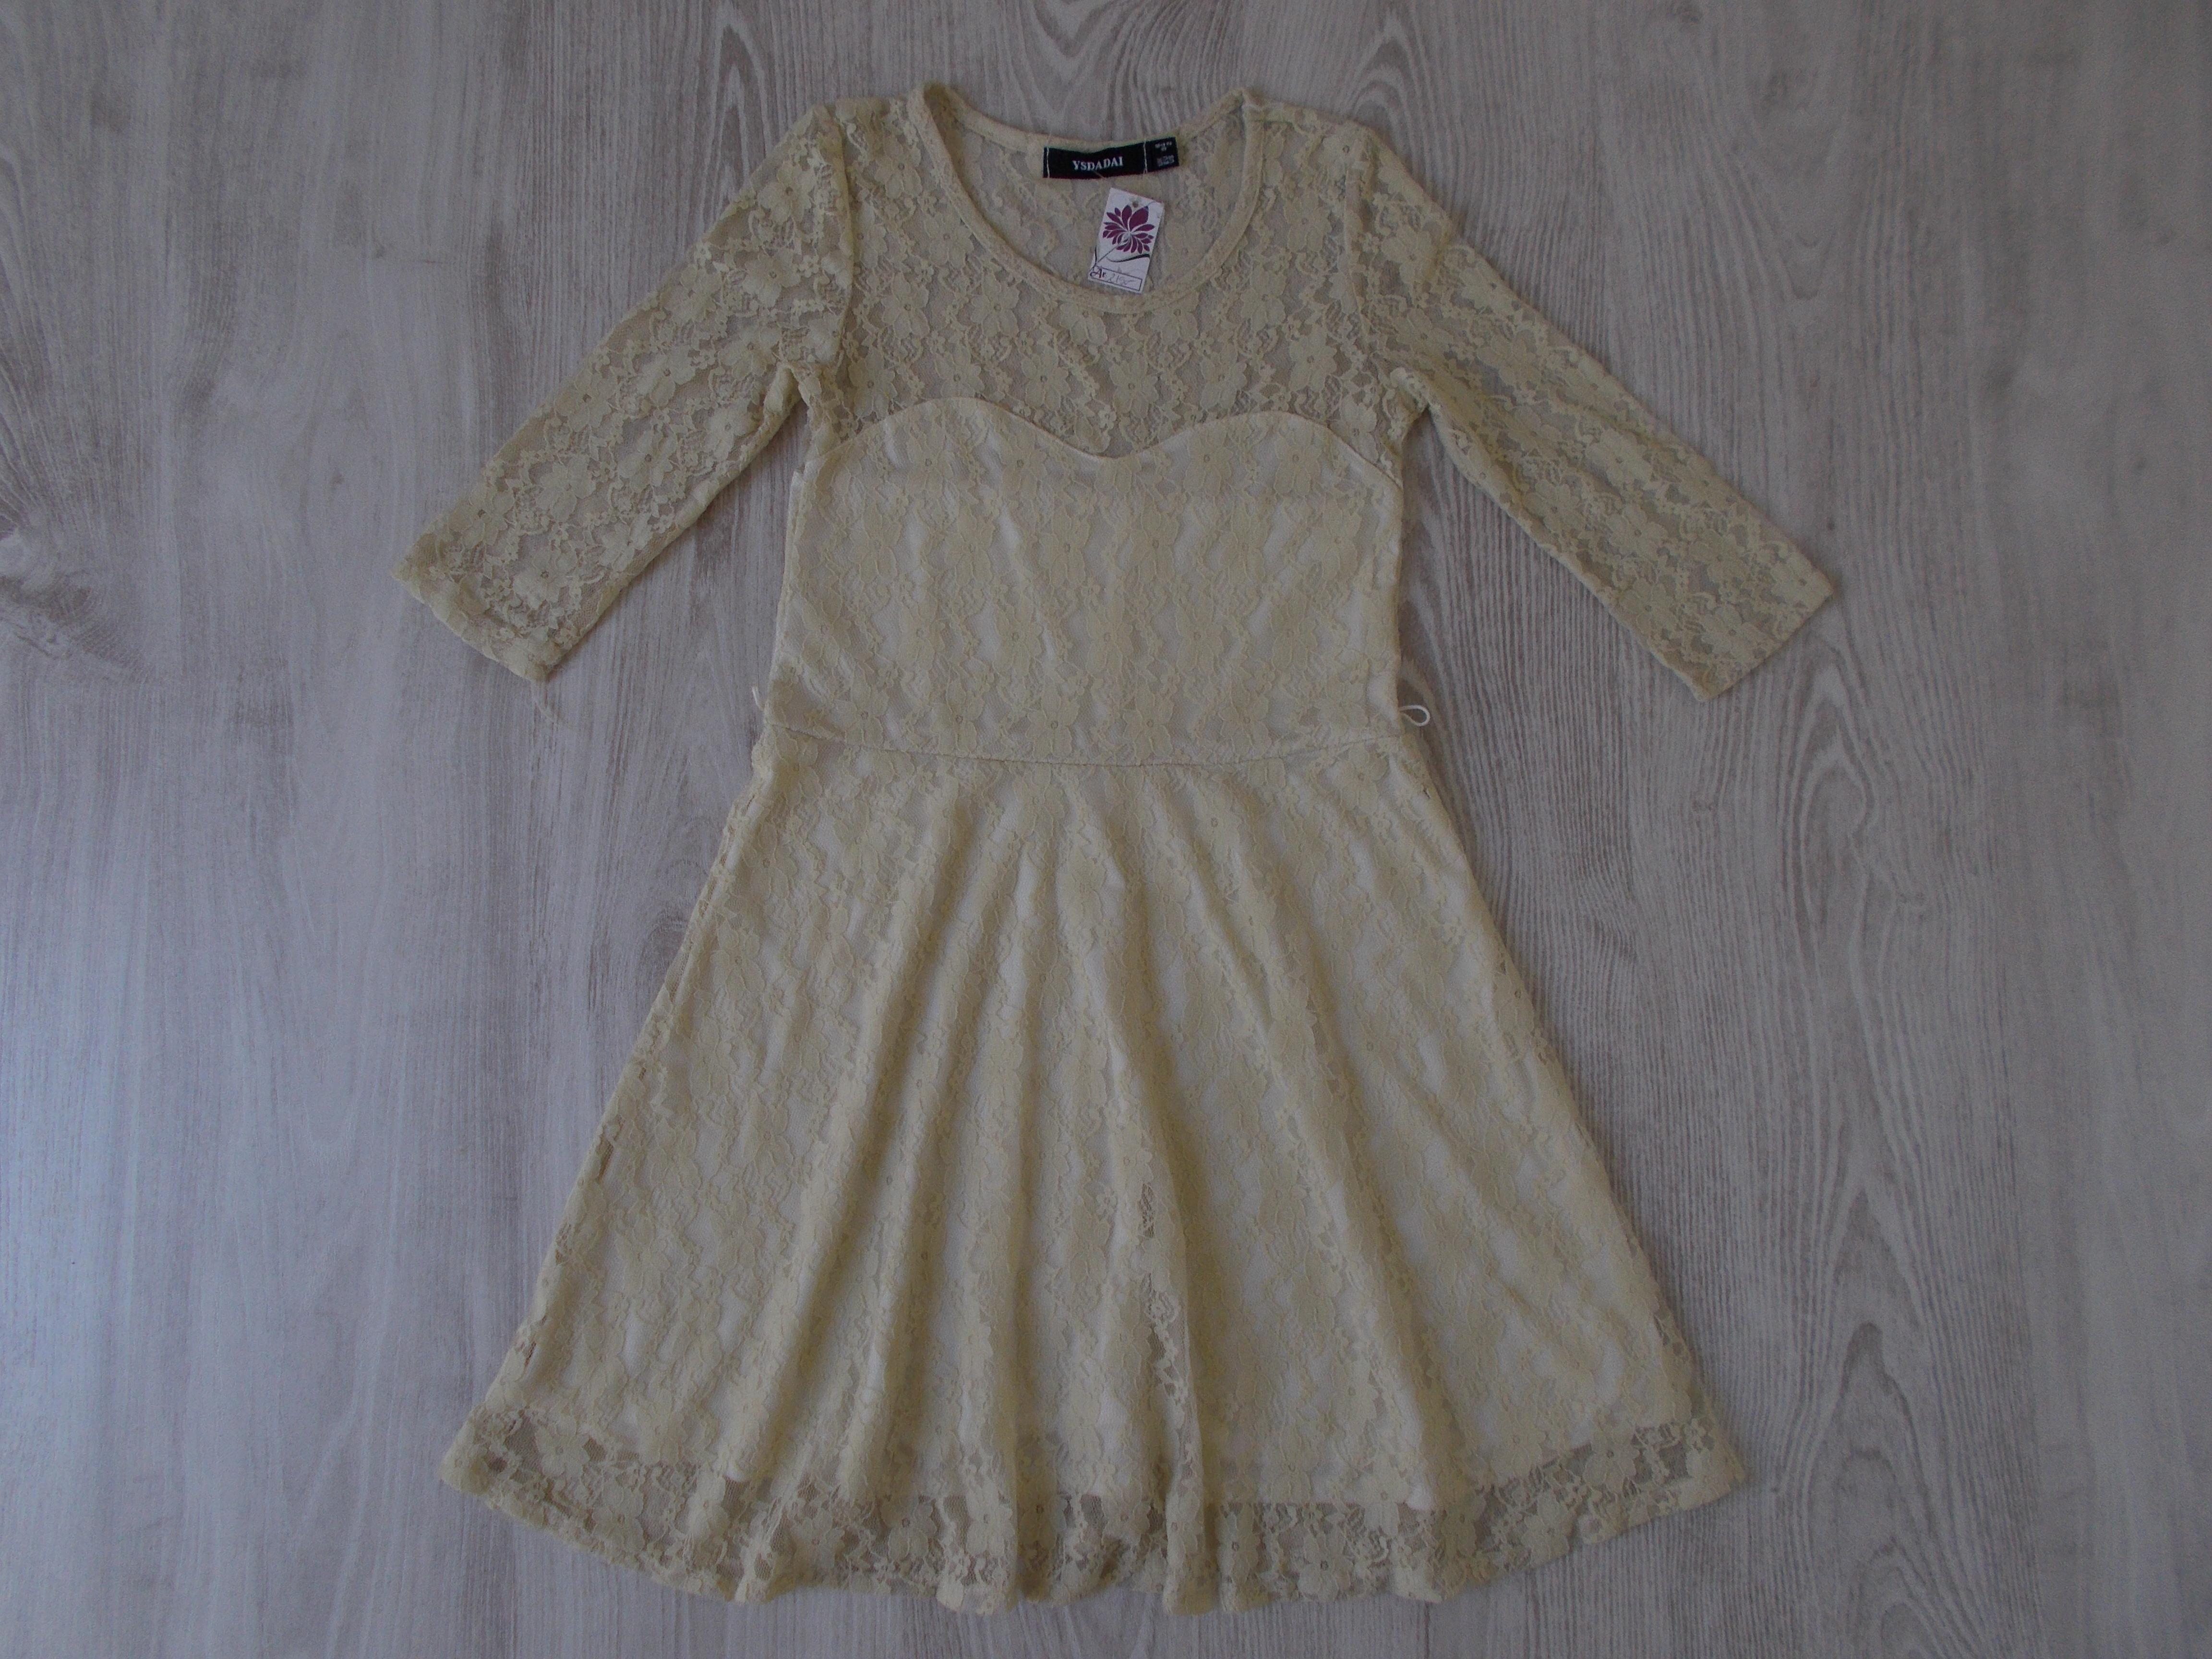 Csipkés alkalmi ruha  158-164 (13-14 év)   Lány ruhák     Lótusz ... 3a333ca80d